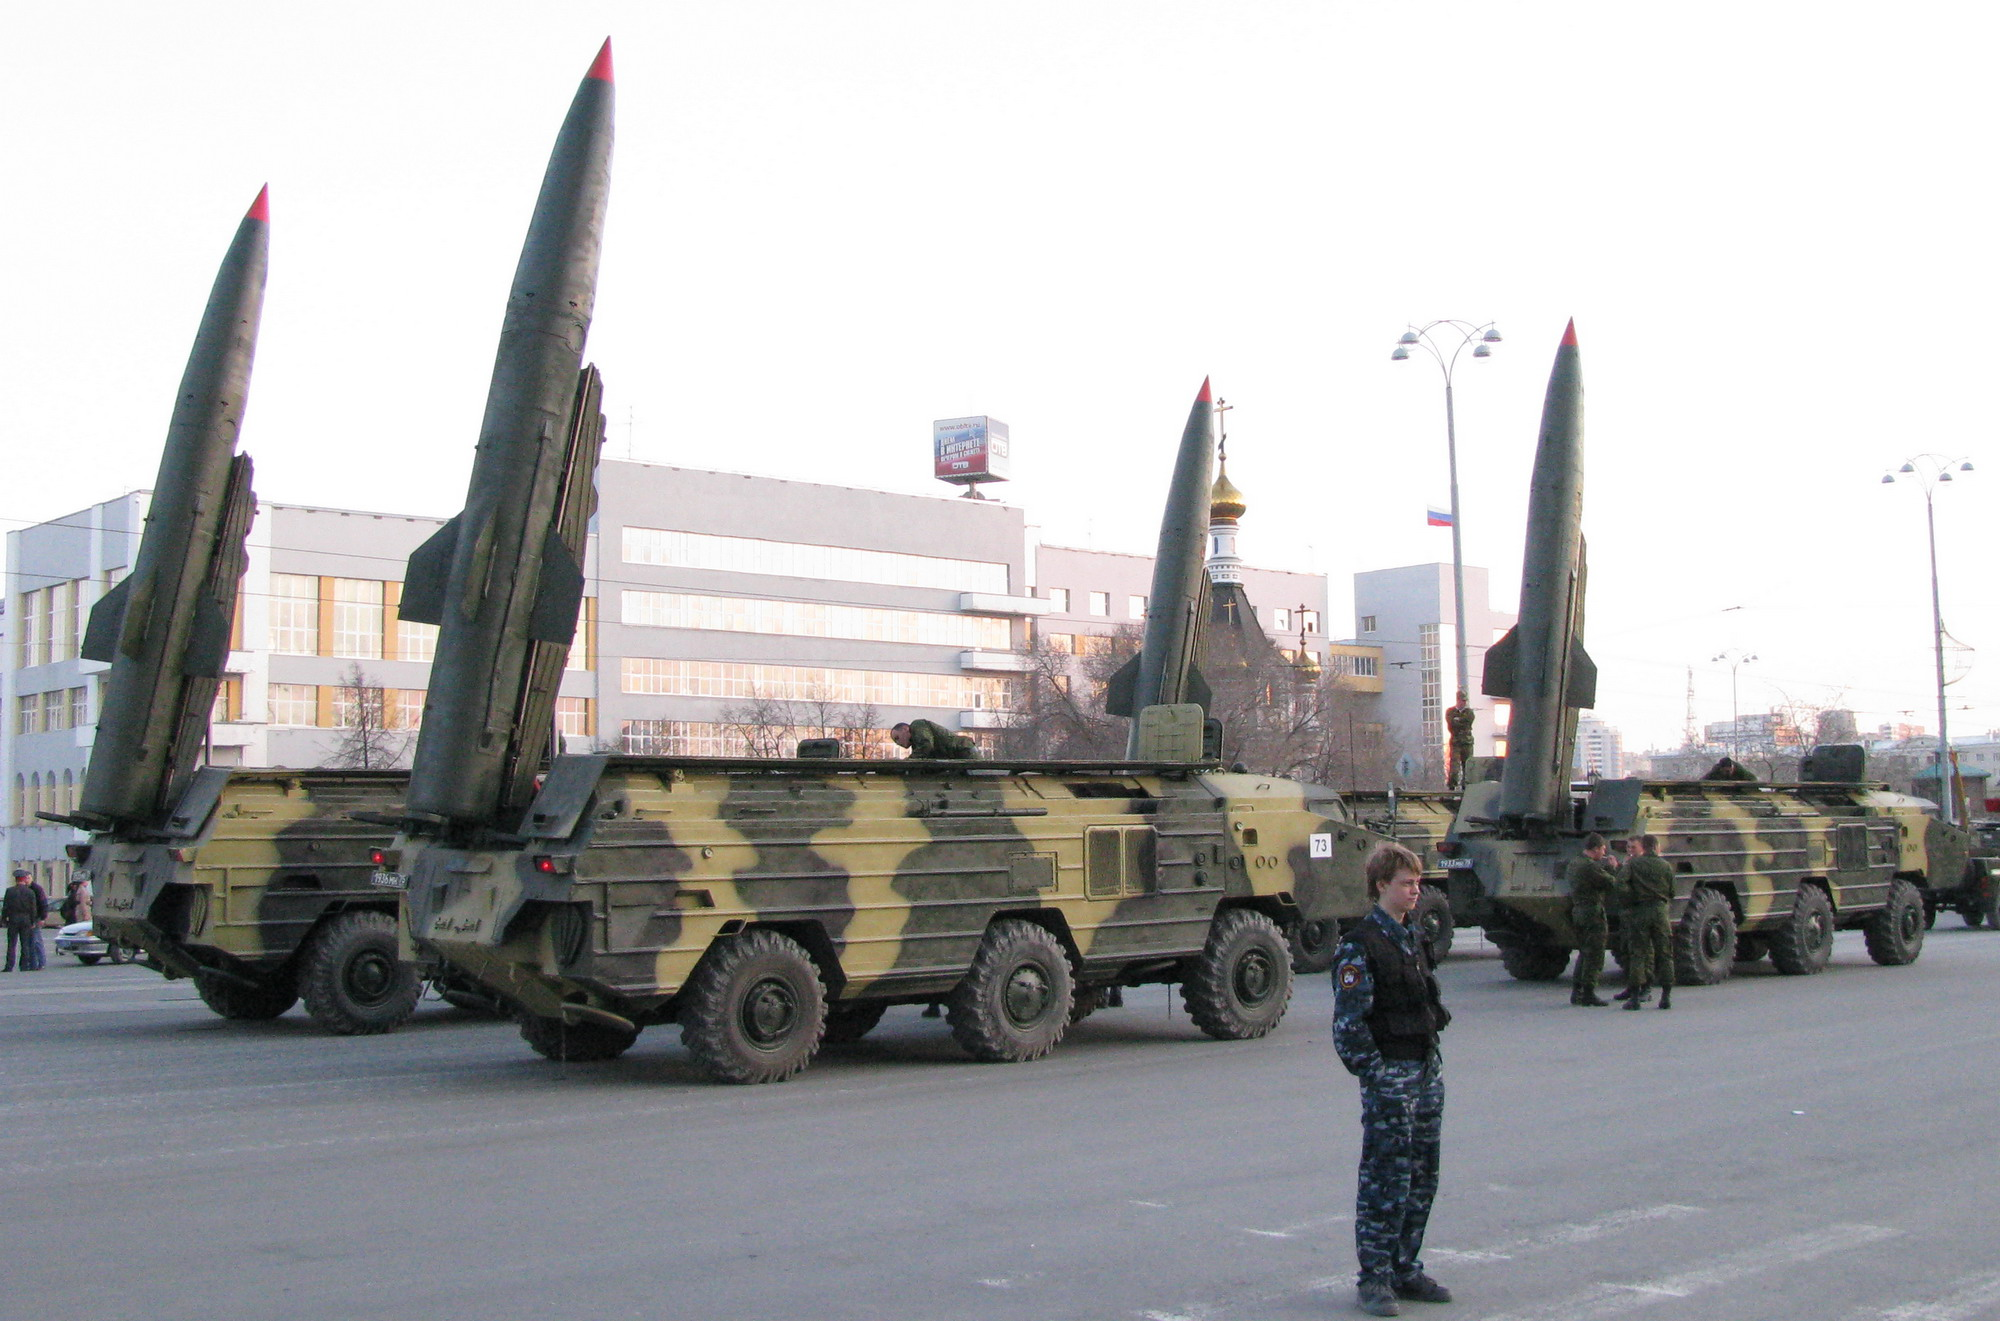 http://dic.academic.ru/pictures/wiki/files/84/Tochka-U_rep_parad_Yekat.jpg